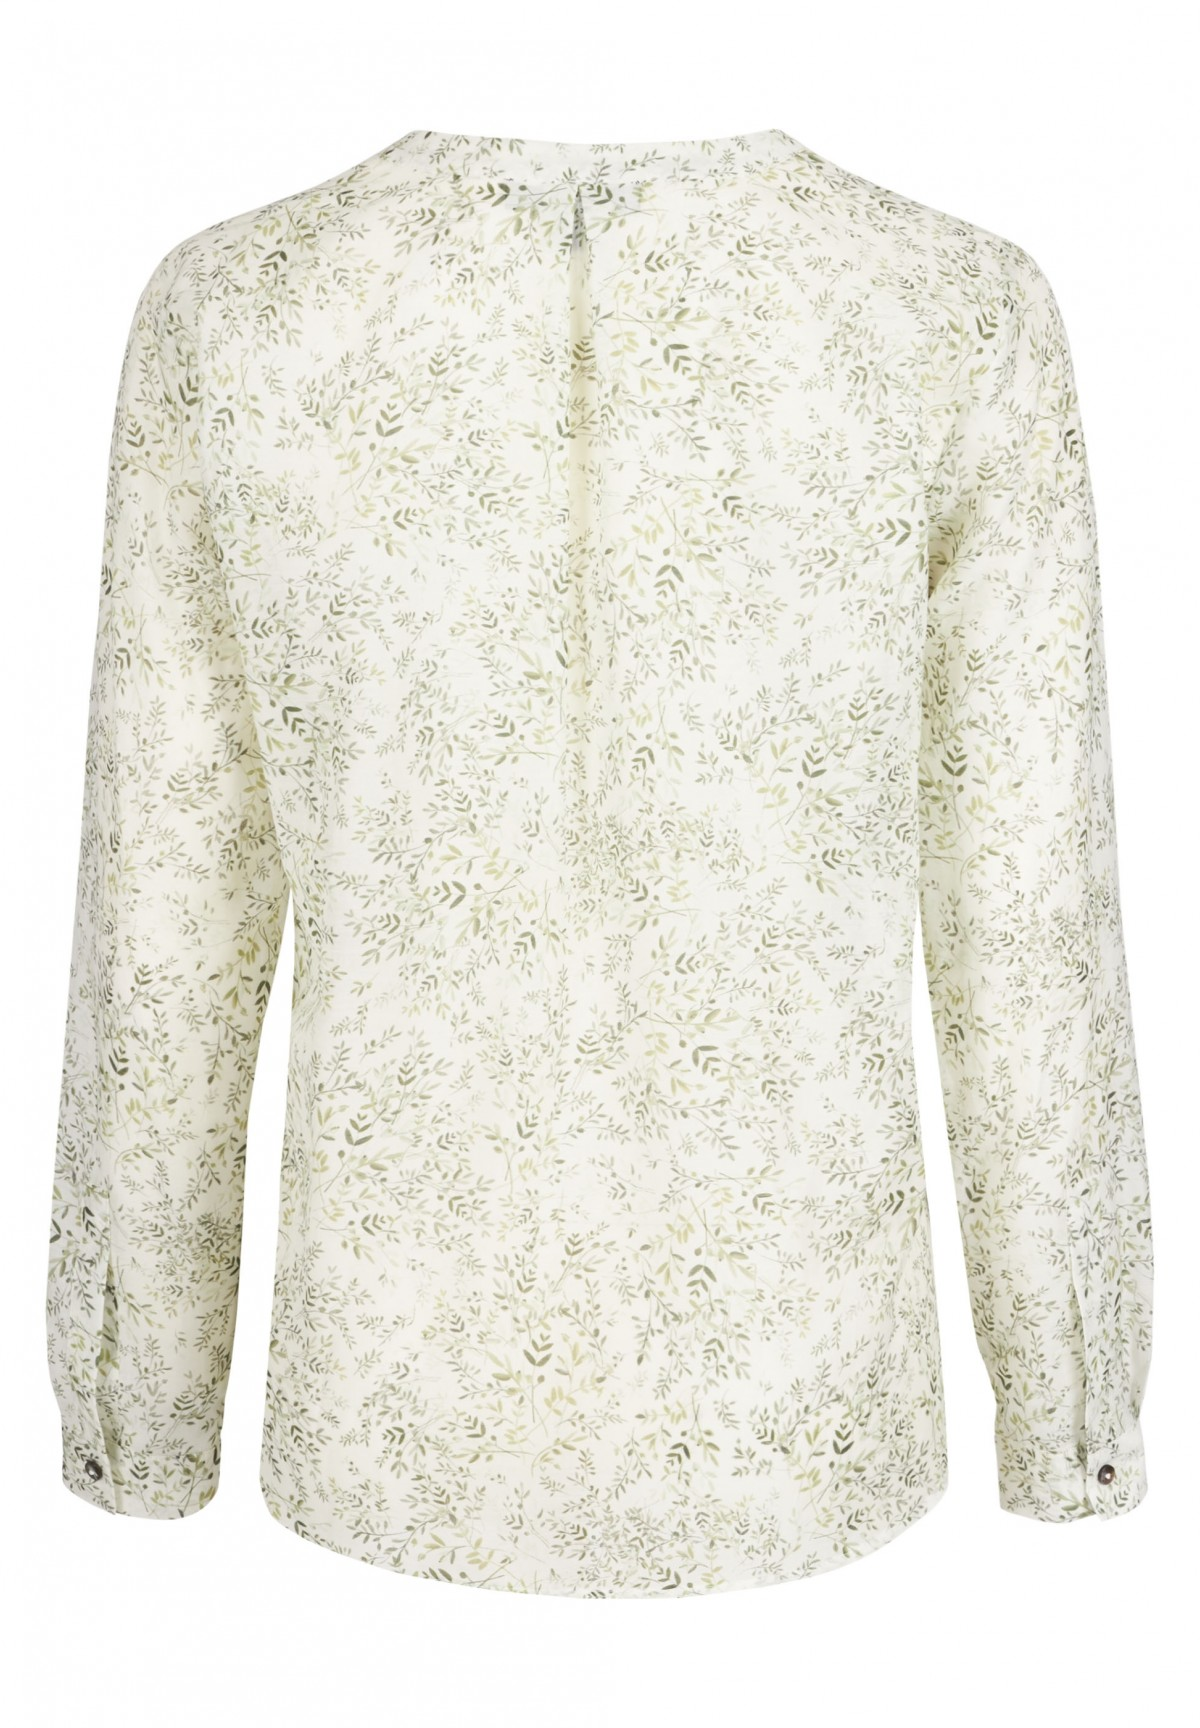 Bluse mit grafischem Muster / Bluse